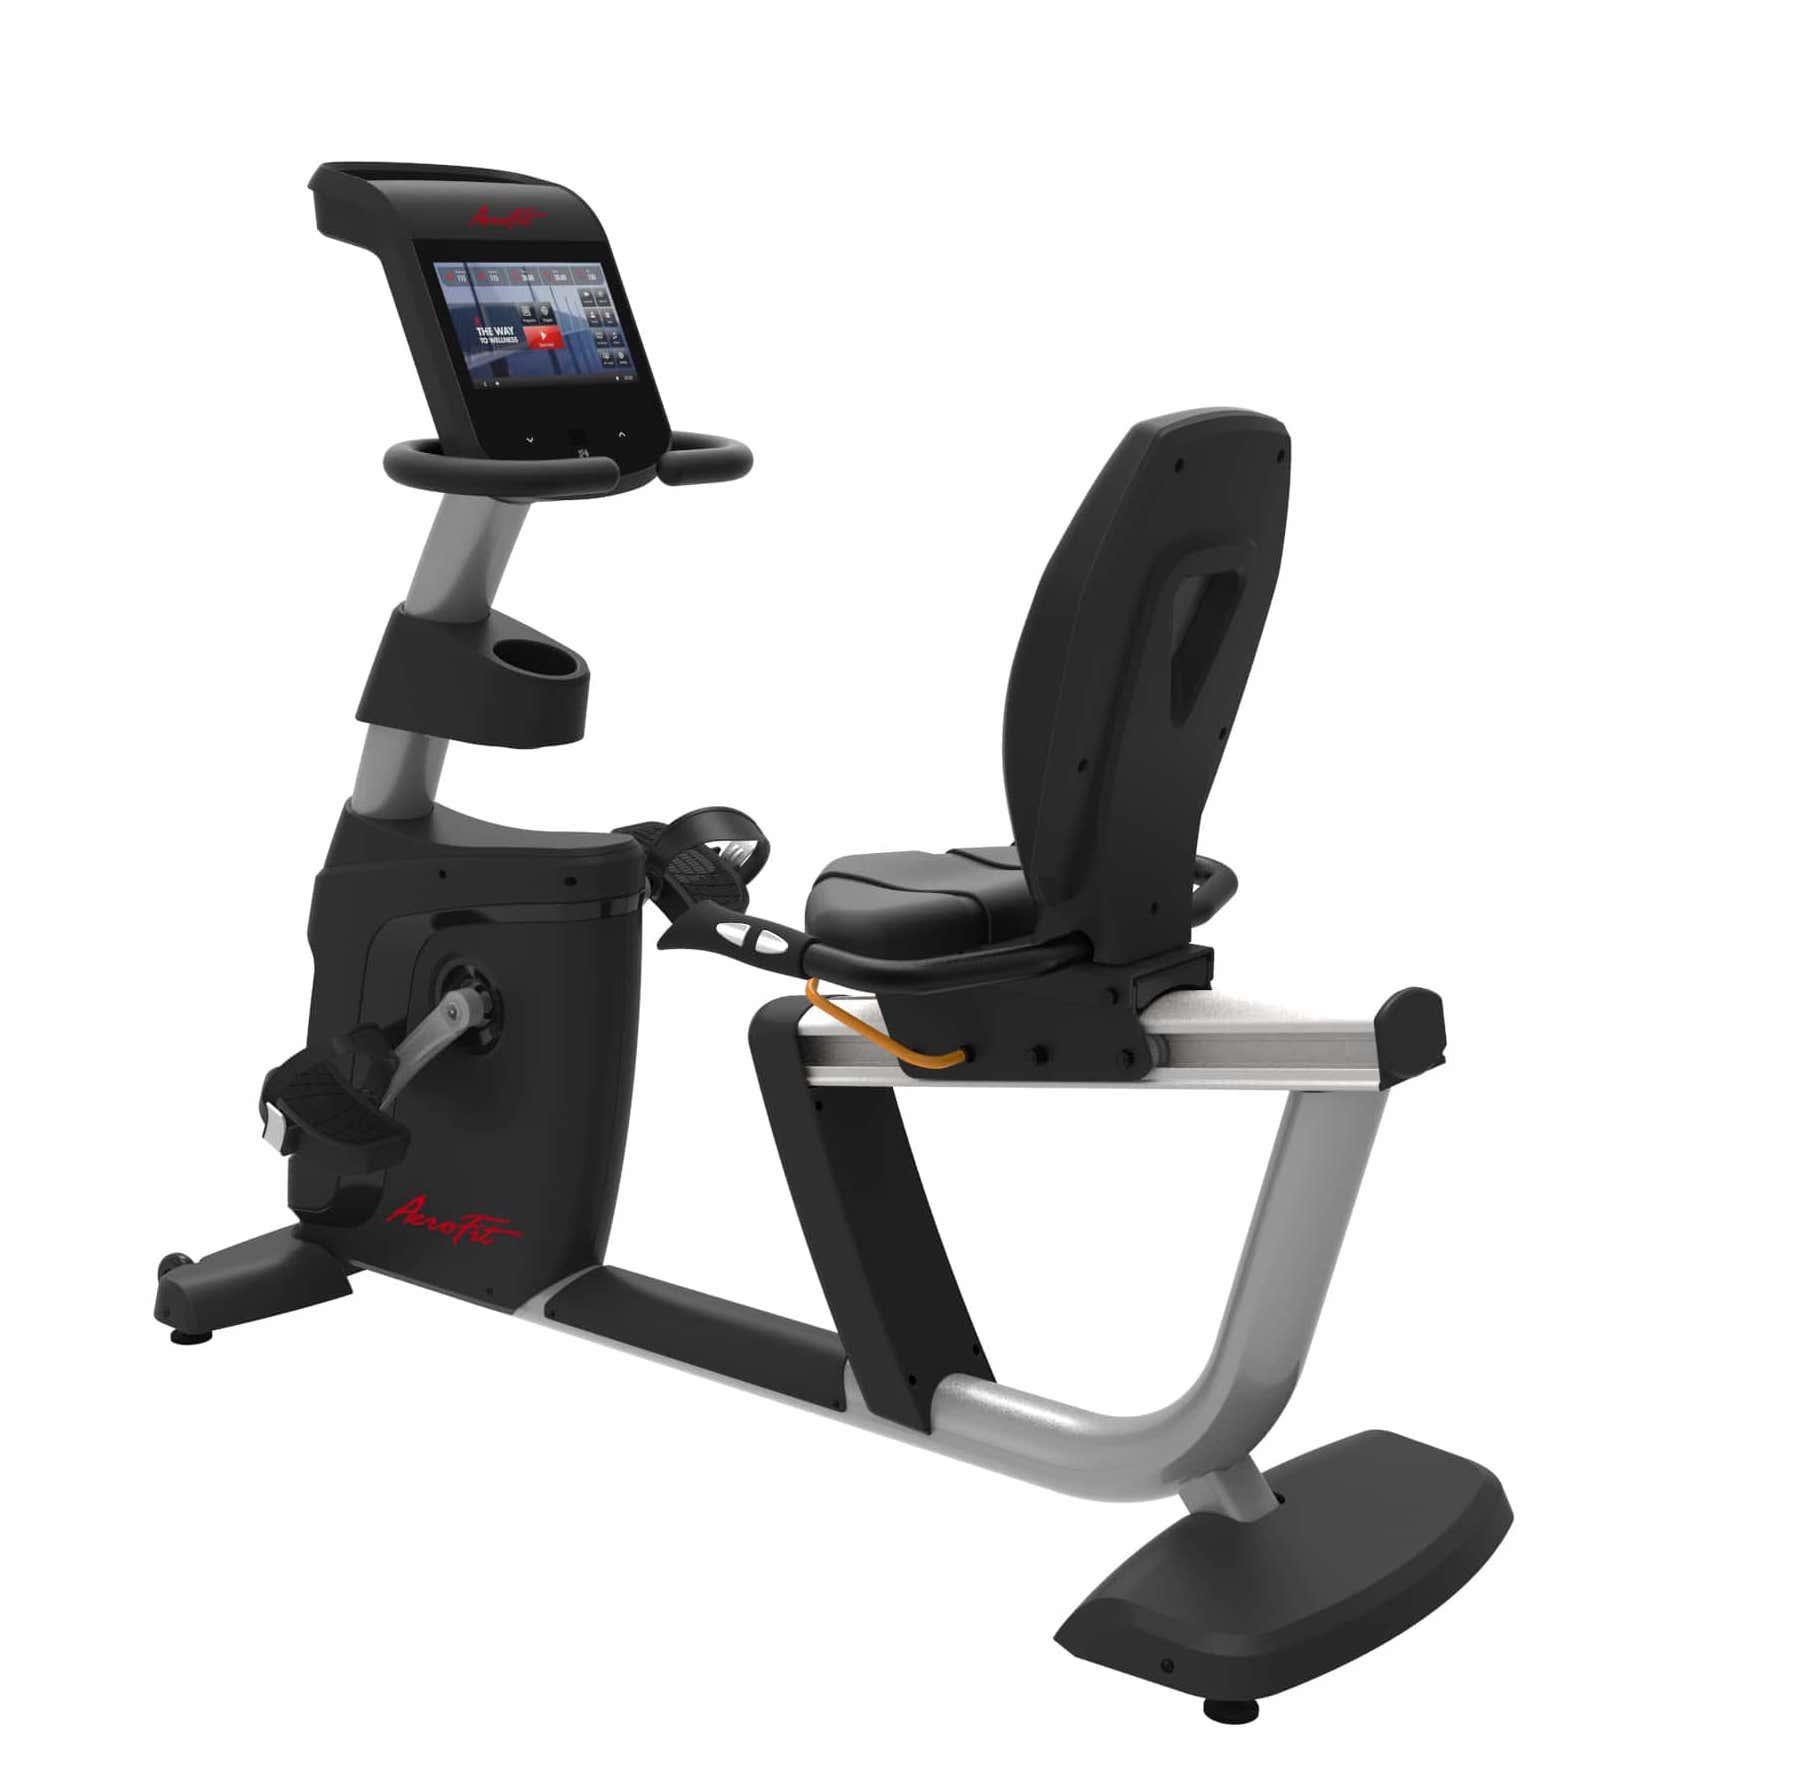 Горизонтальный велотренажер X4-R LCD Aerofit Impulse